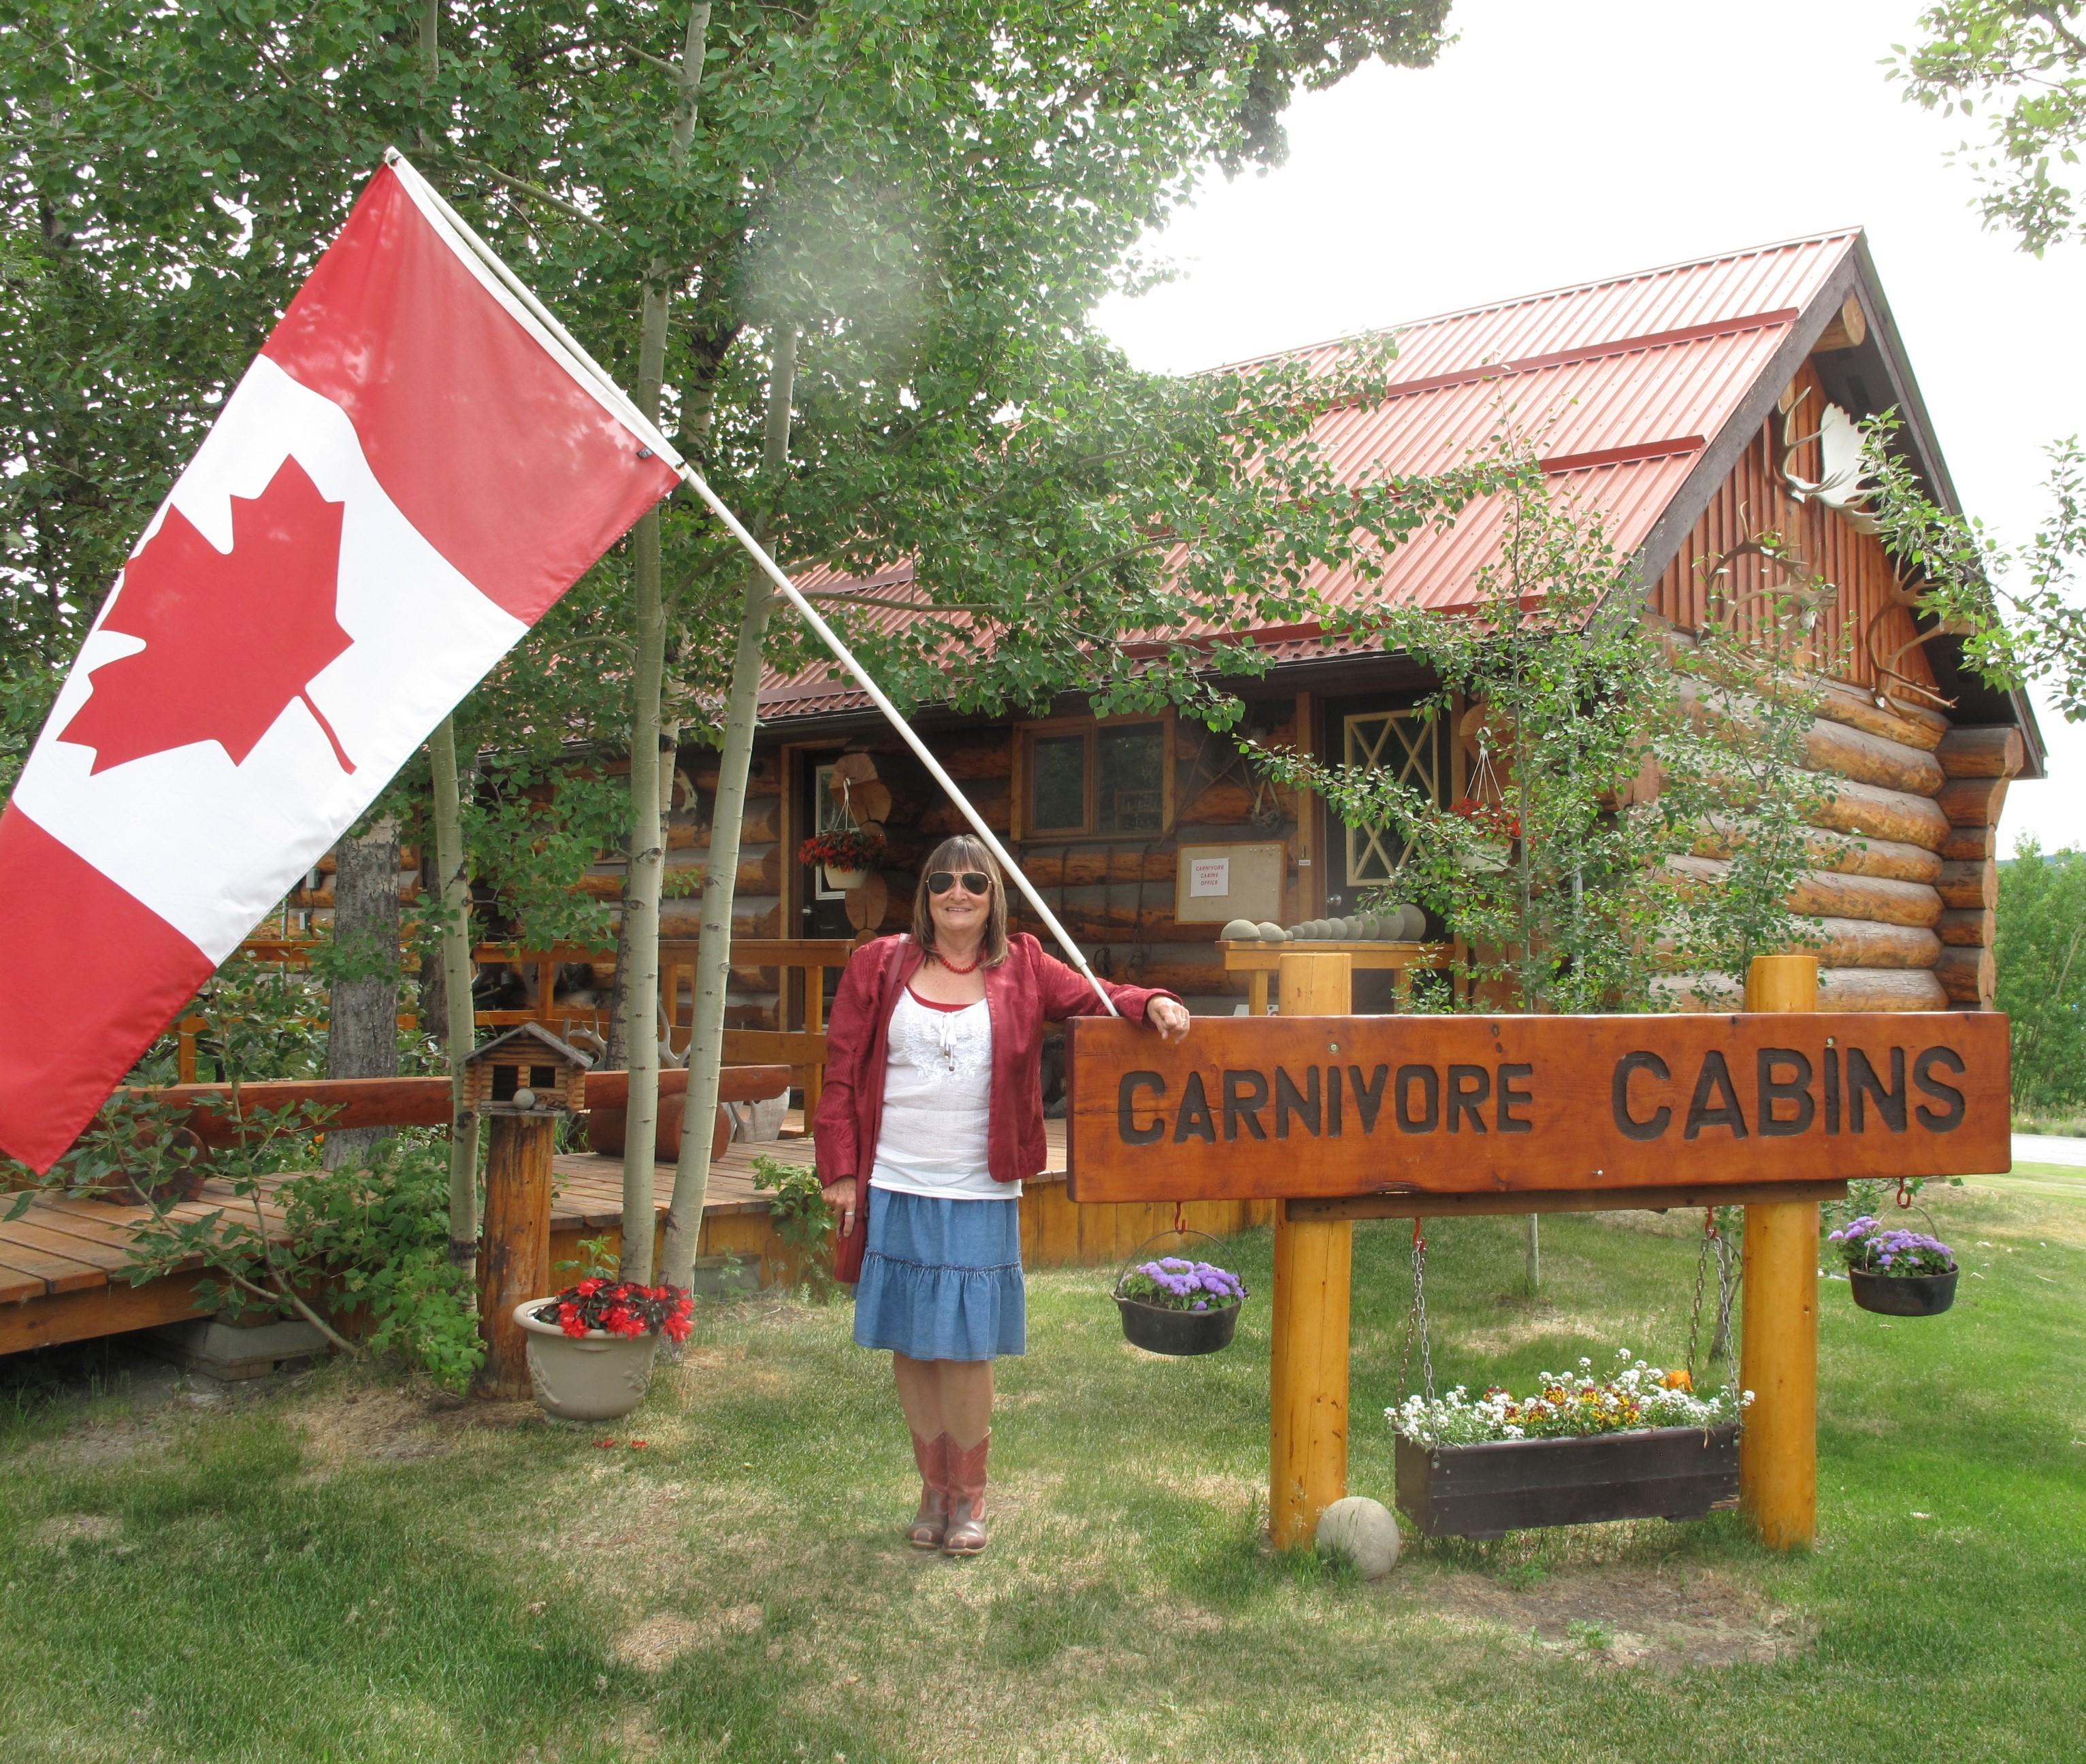 Carnivore Cabins